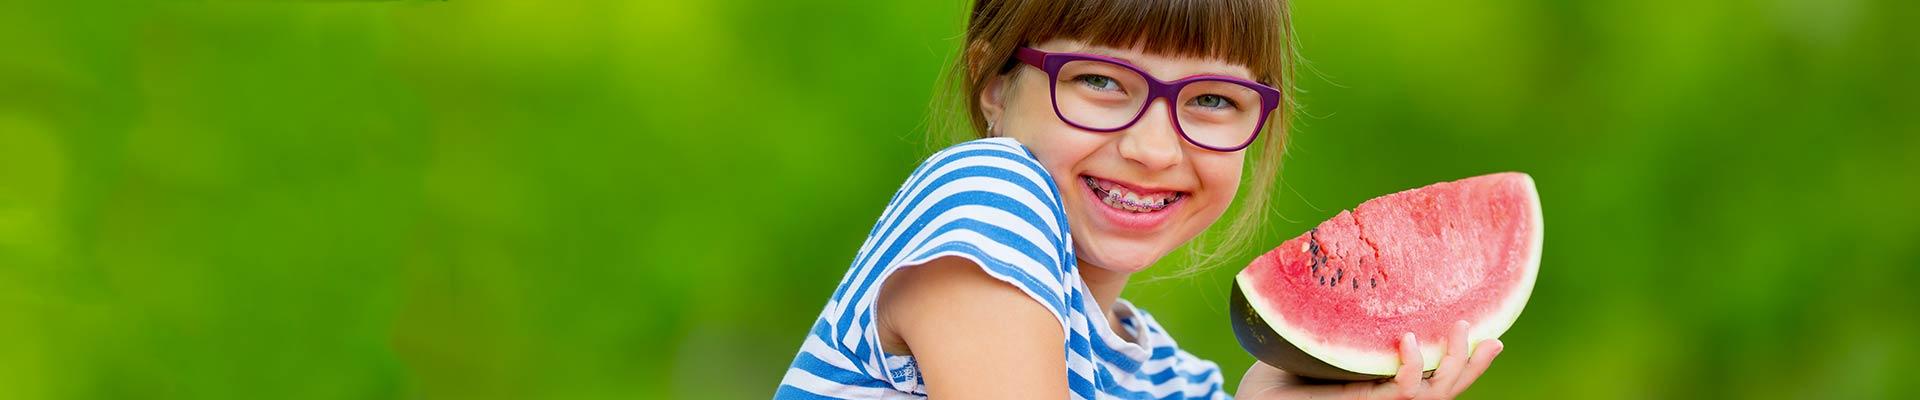 Early Orthodontics Slider Sosebee & Britt Orthodontics in Gainesville Oakwood GA